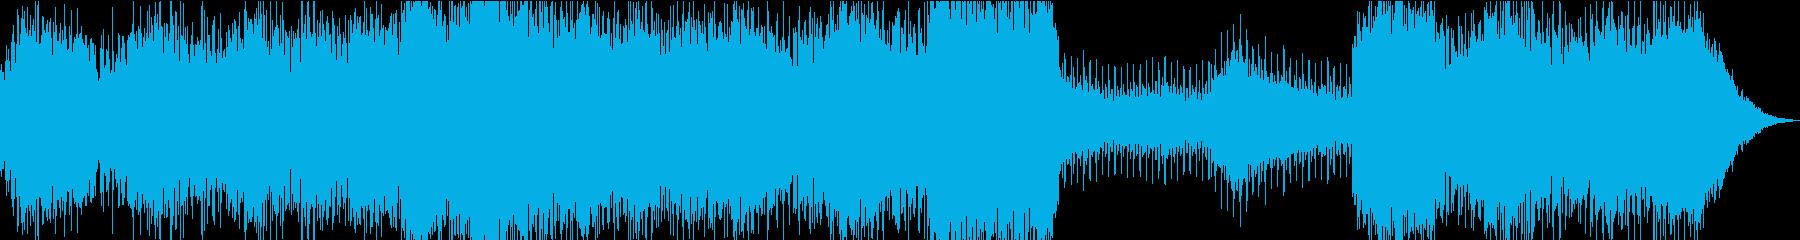 弾力のある流れるようなシンセパッド...の再生済みの波形